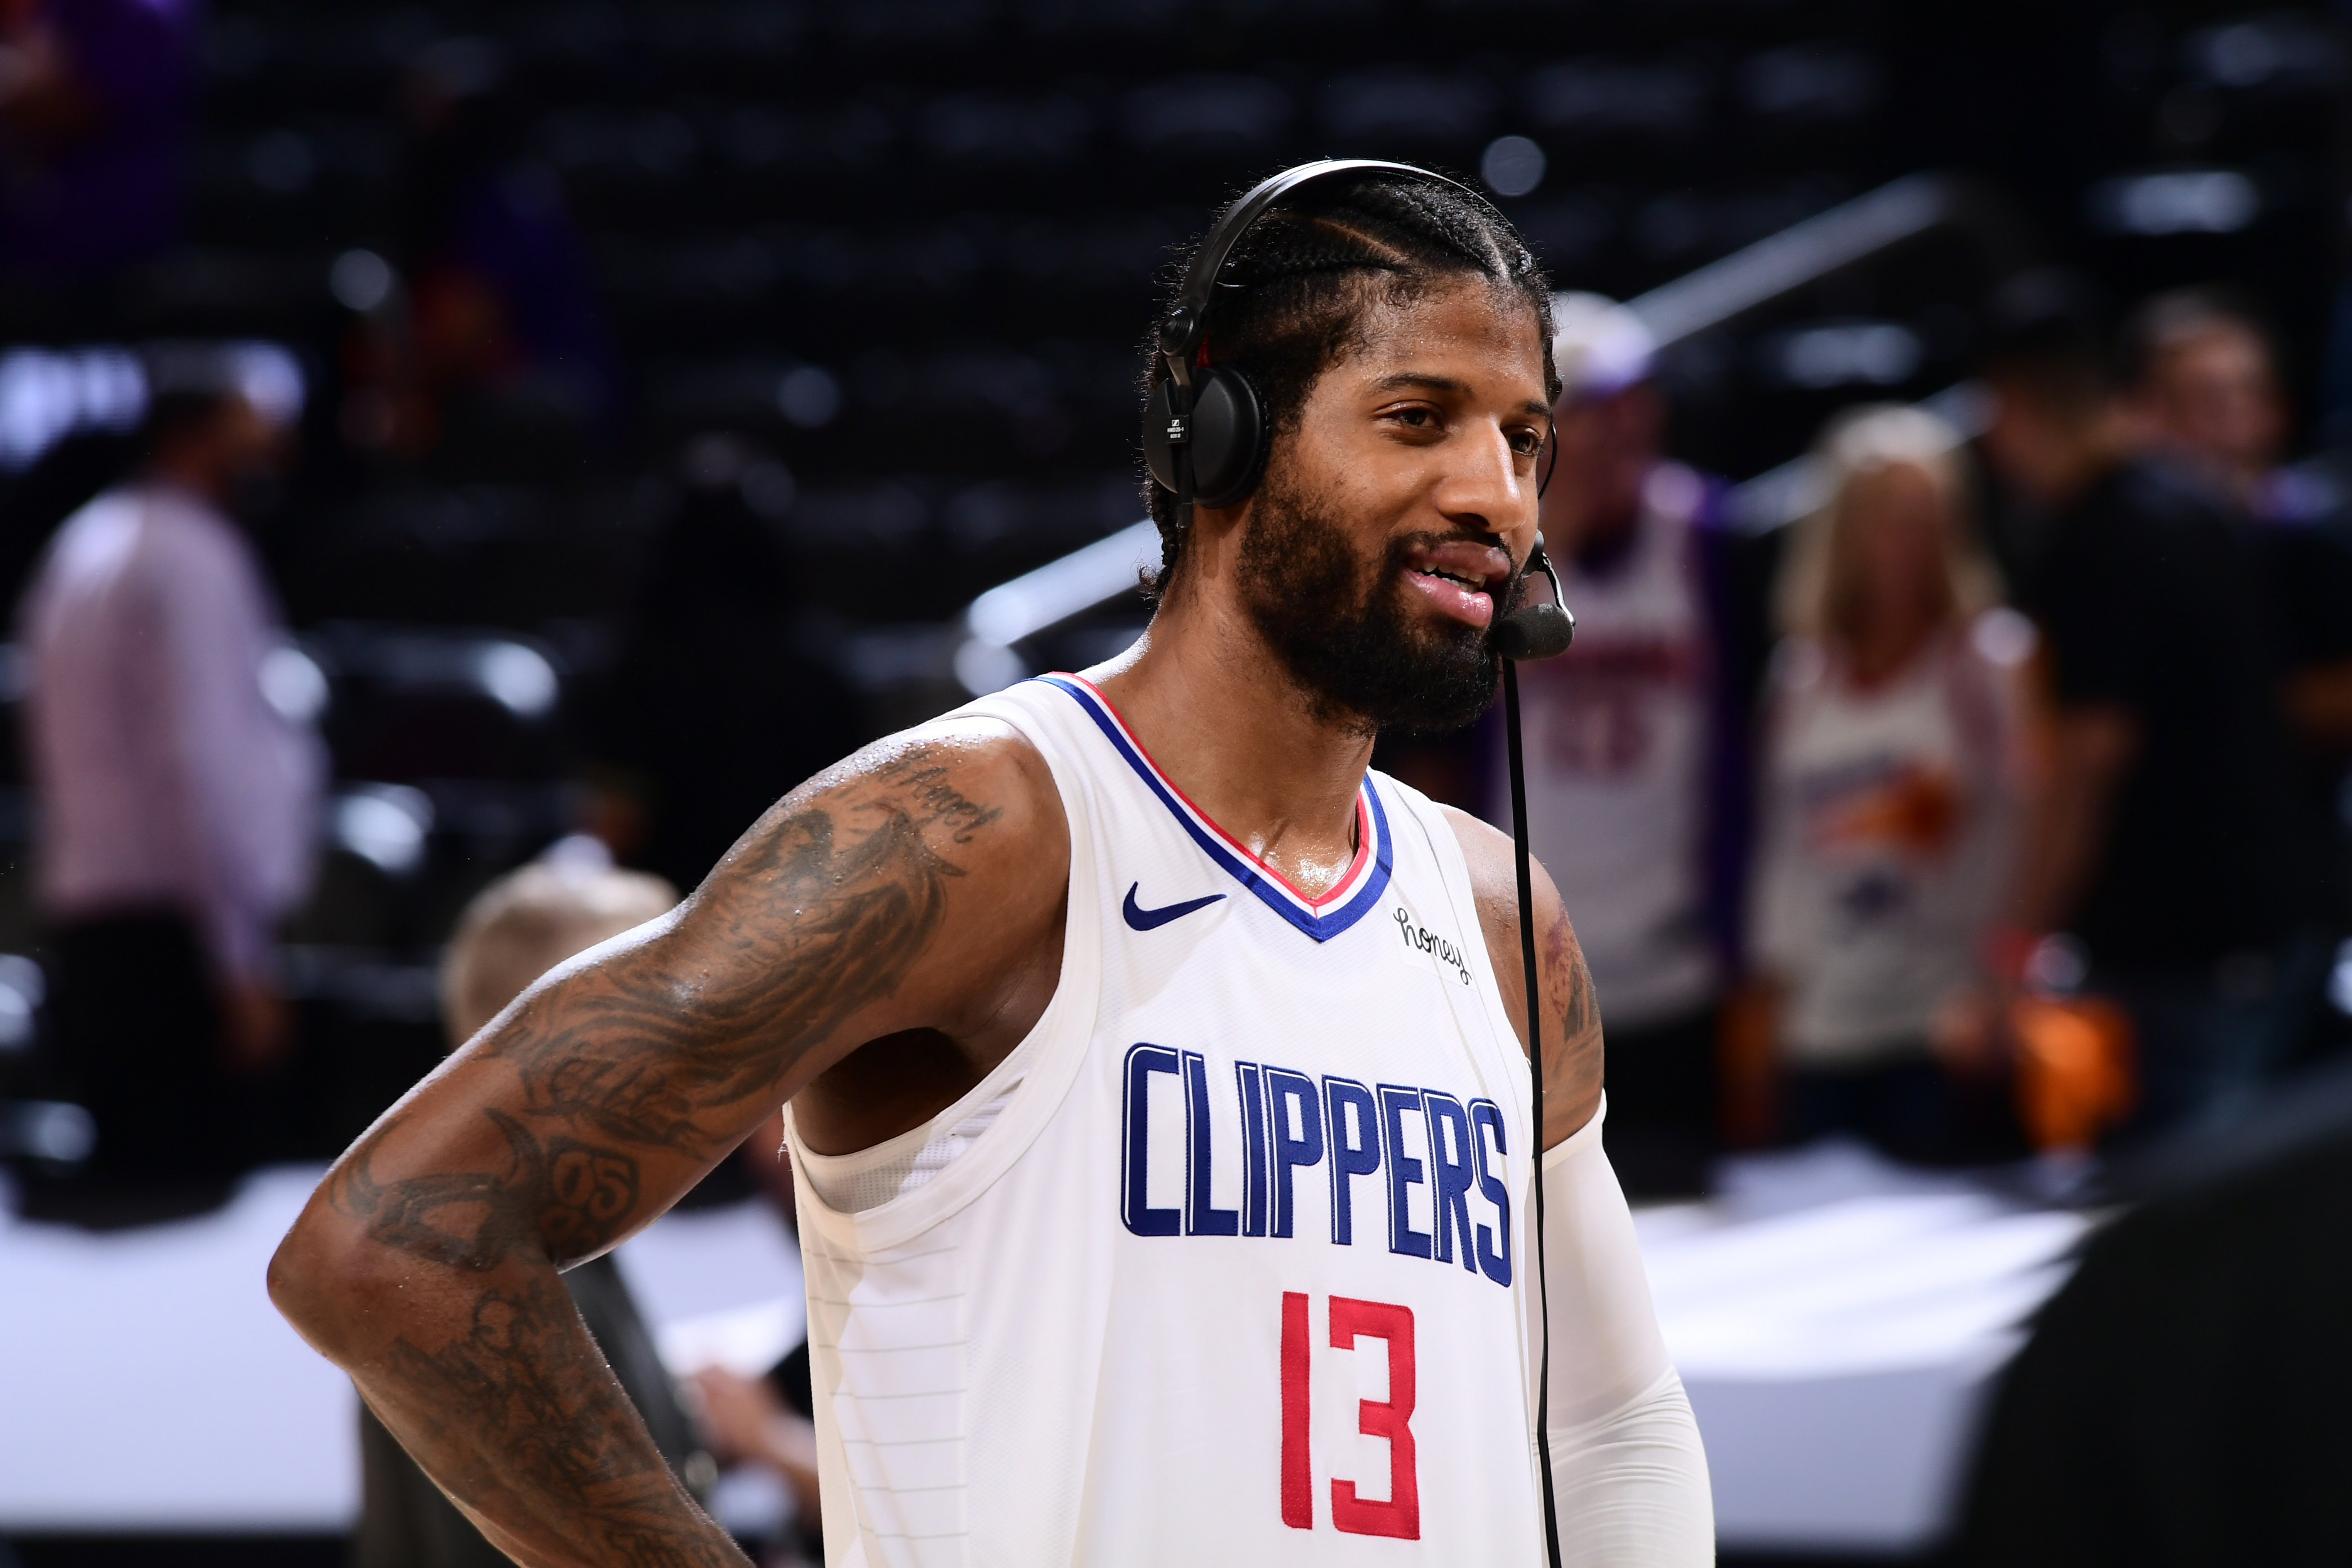 2021年NBA季后赛-洛杉矶快船队诉菲尼克斯太阳队